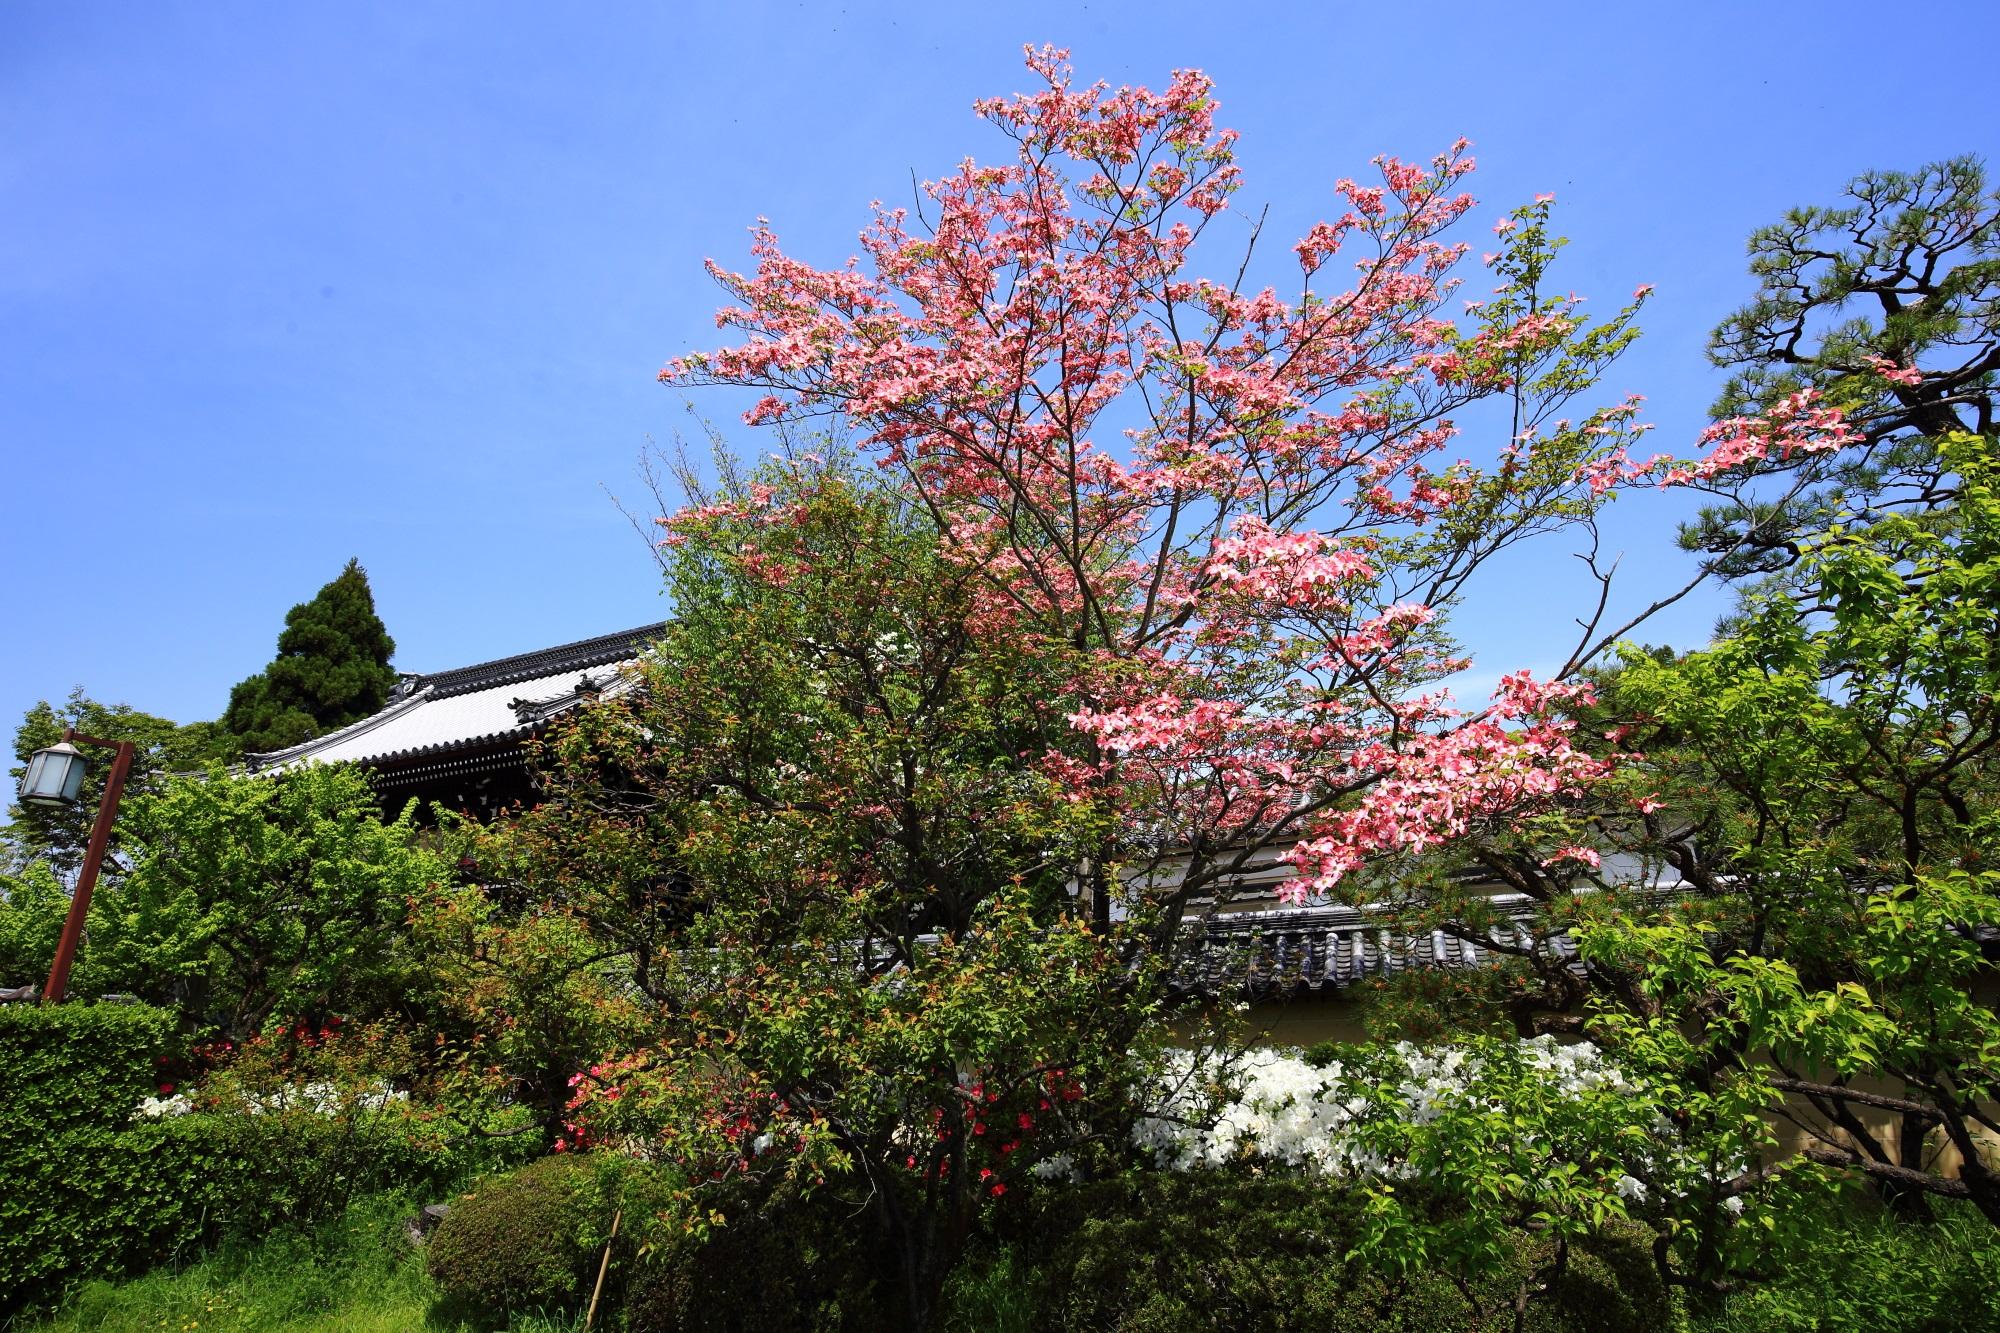 梅宮大社の楼門の横に咲くピンクのハナミズキ